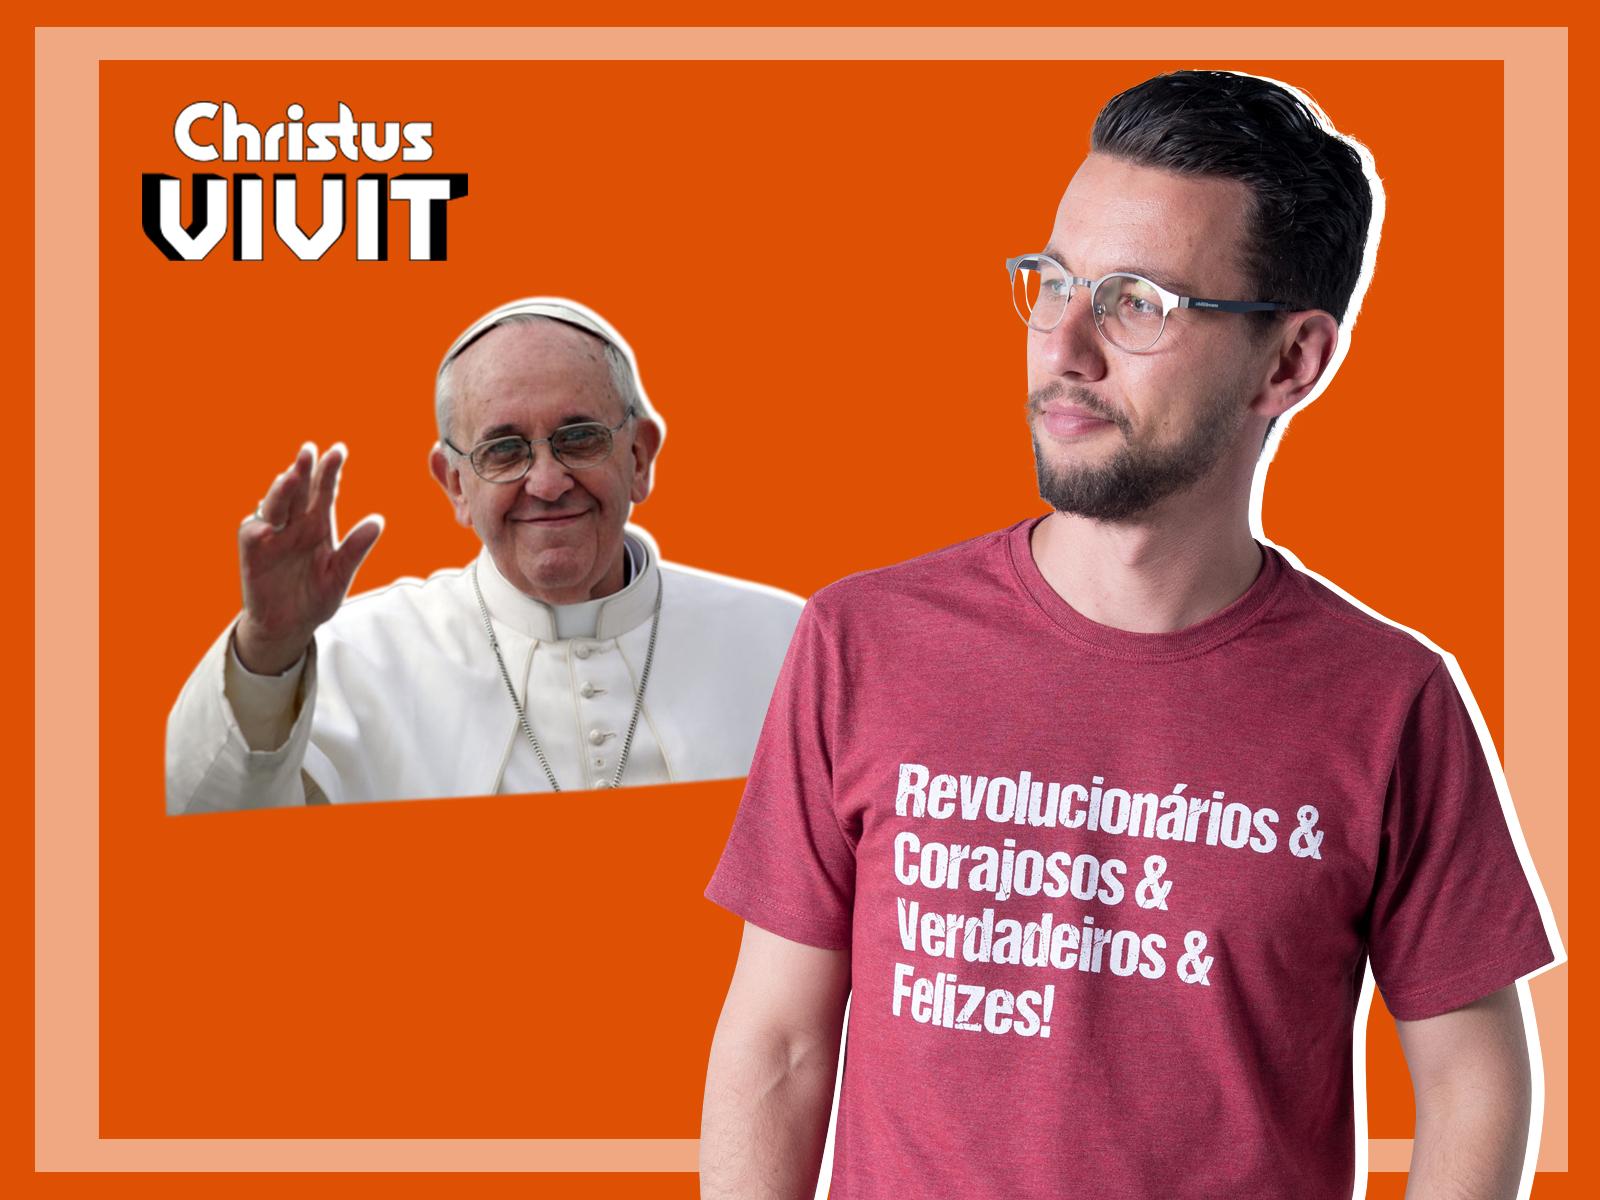 O Papa Francisco é estiloso